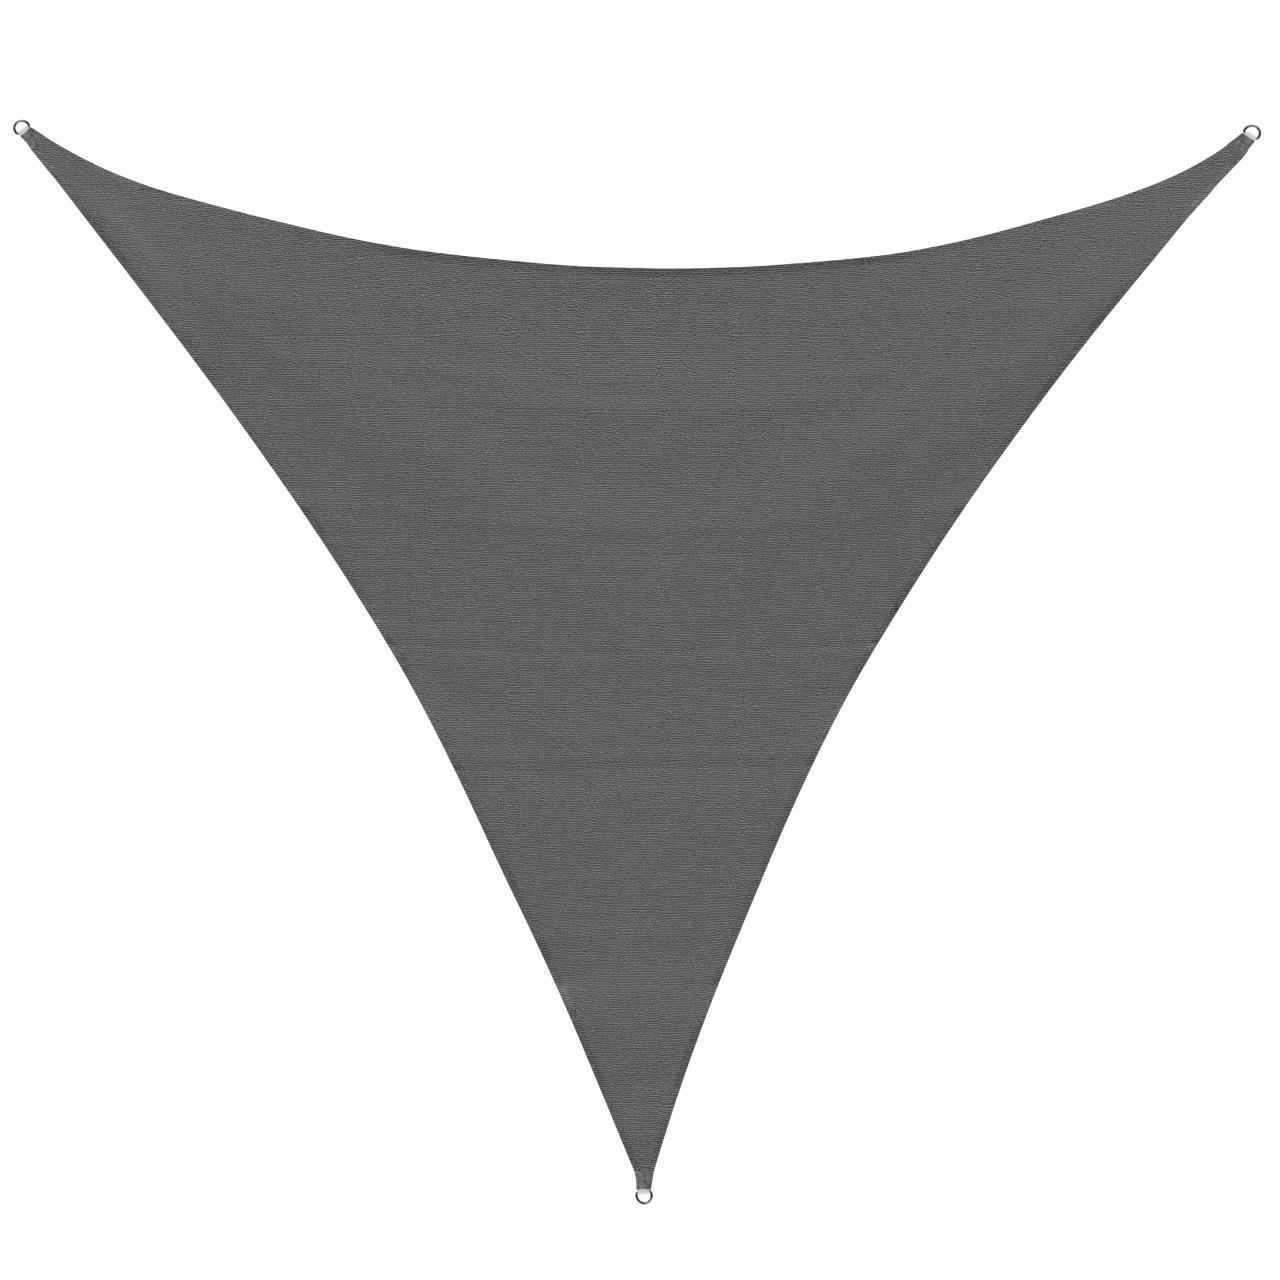 Sonnensegel Sonnenschutz Garten Sonnendach UV-Schutz Beschattung Dreieck